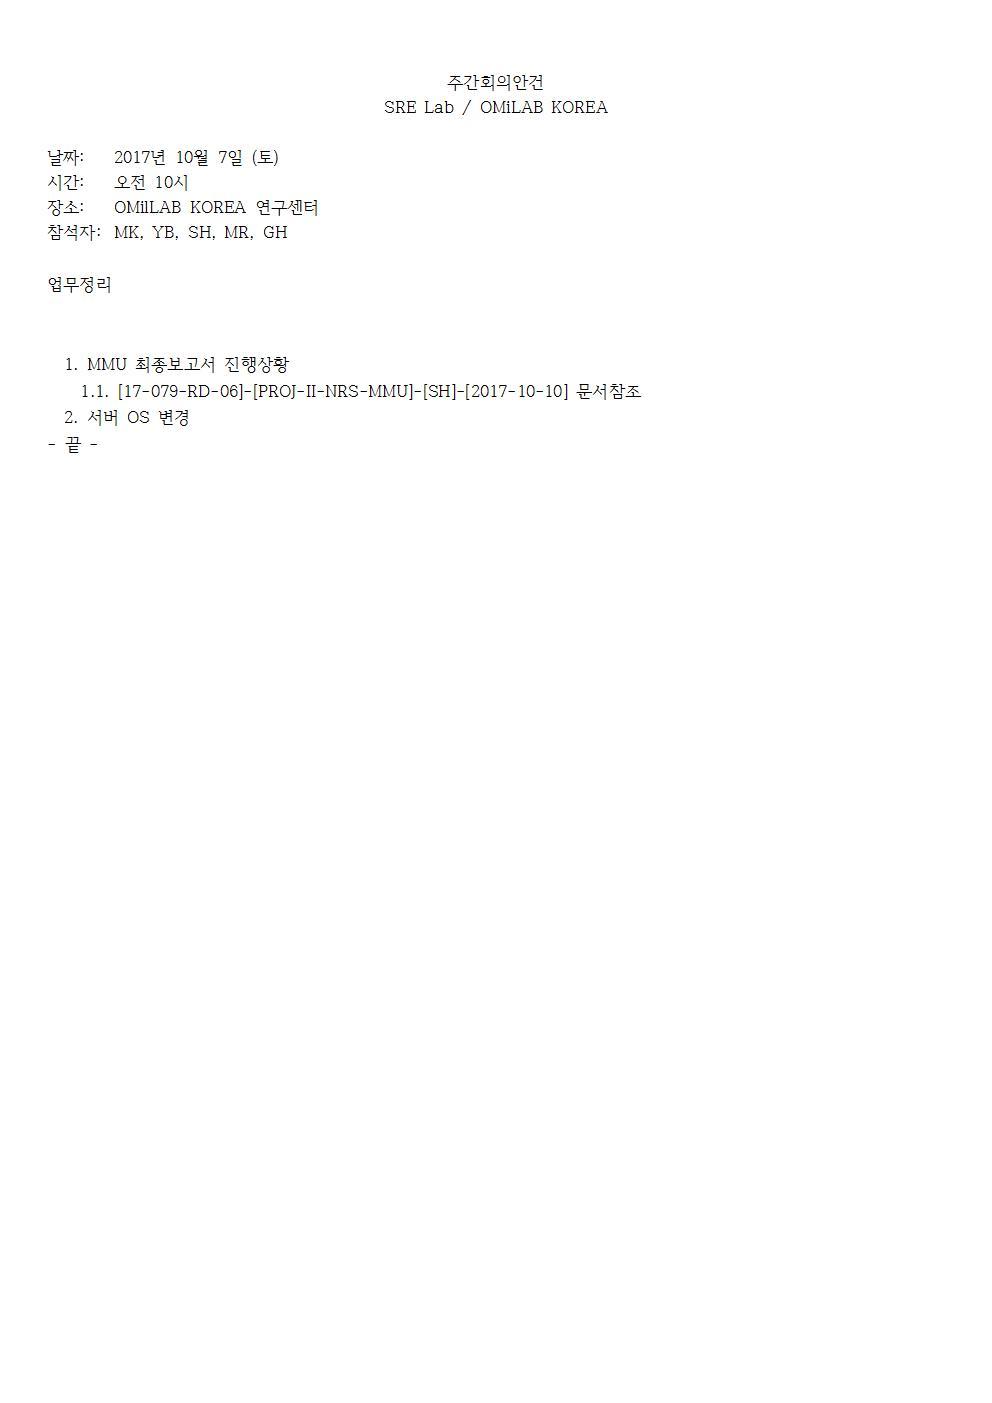 6-토-2017-10-07-PLAN(SH)001.jpg